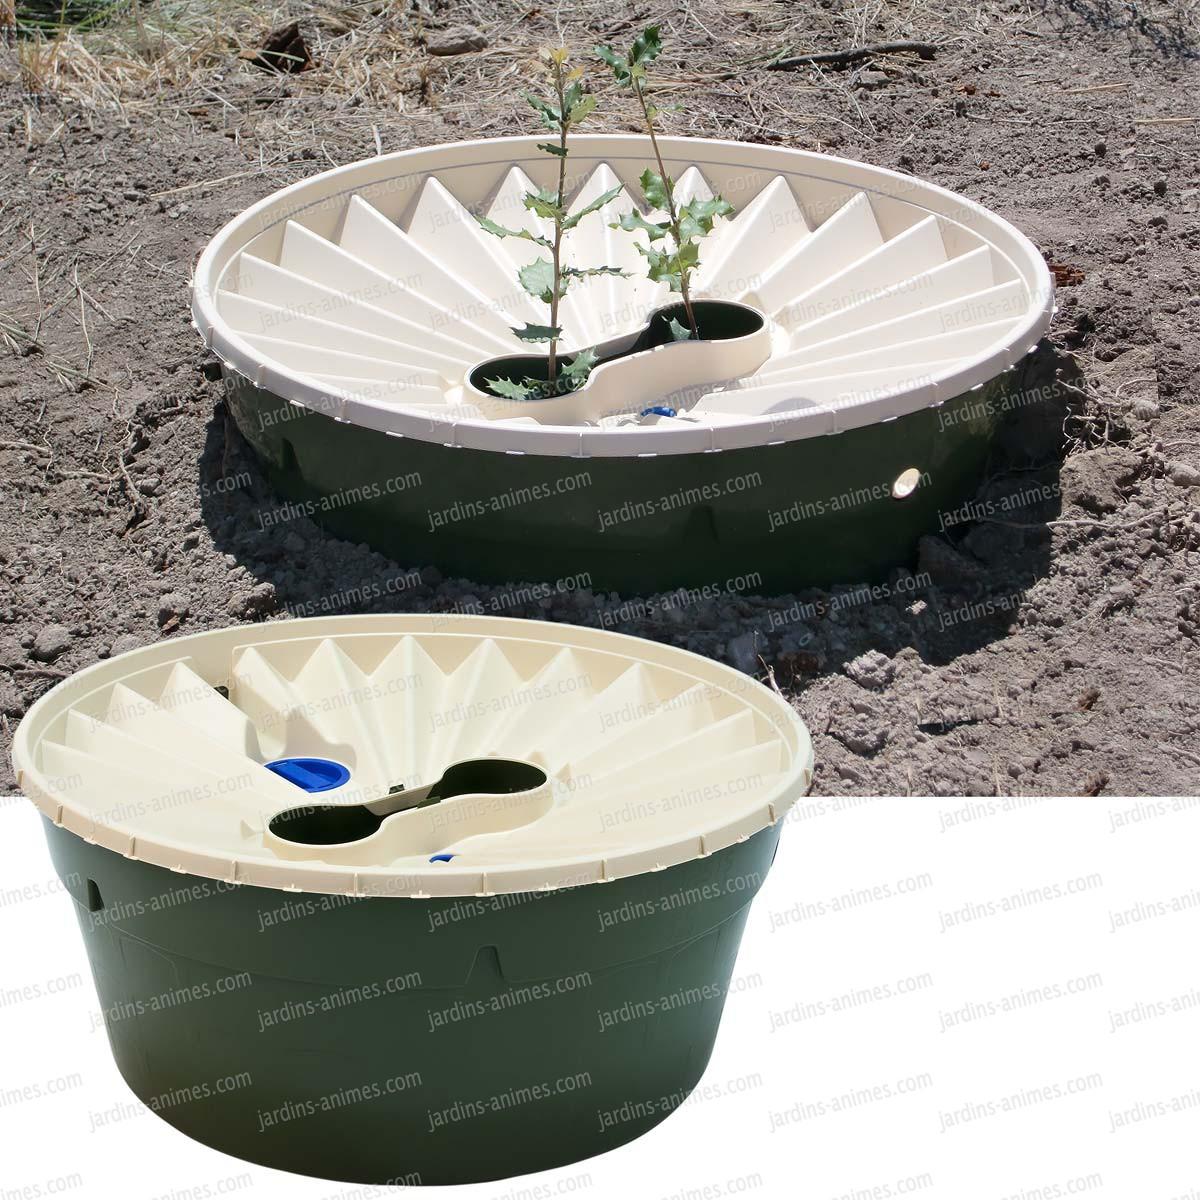 Comment planter des tomates - Comment planter des framboisiers ...